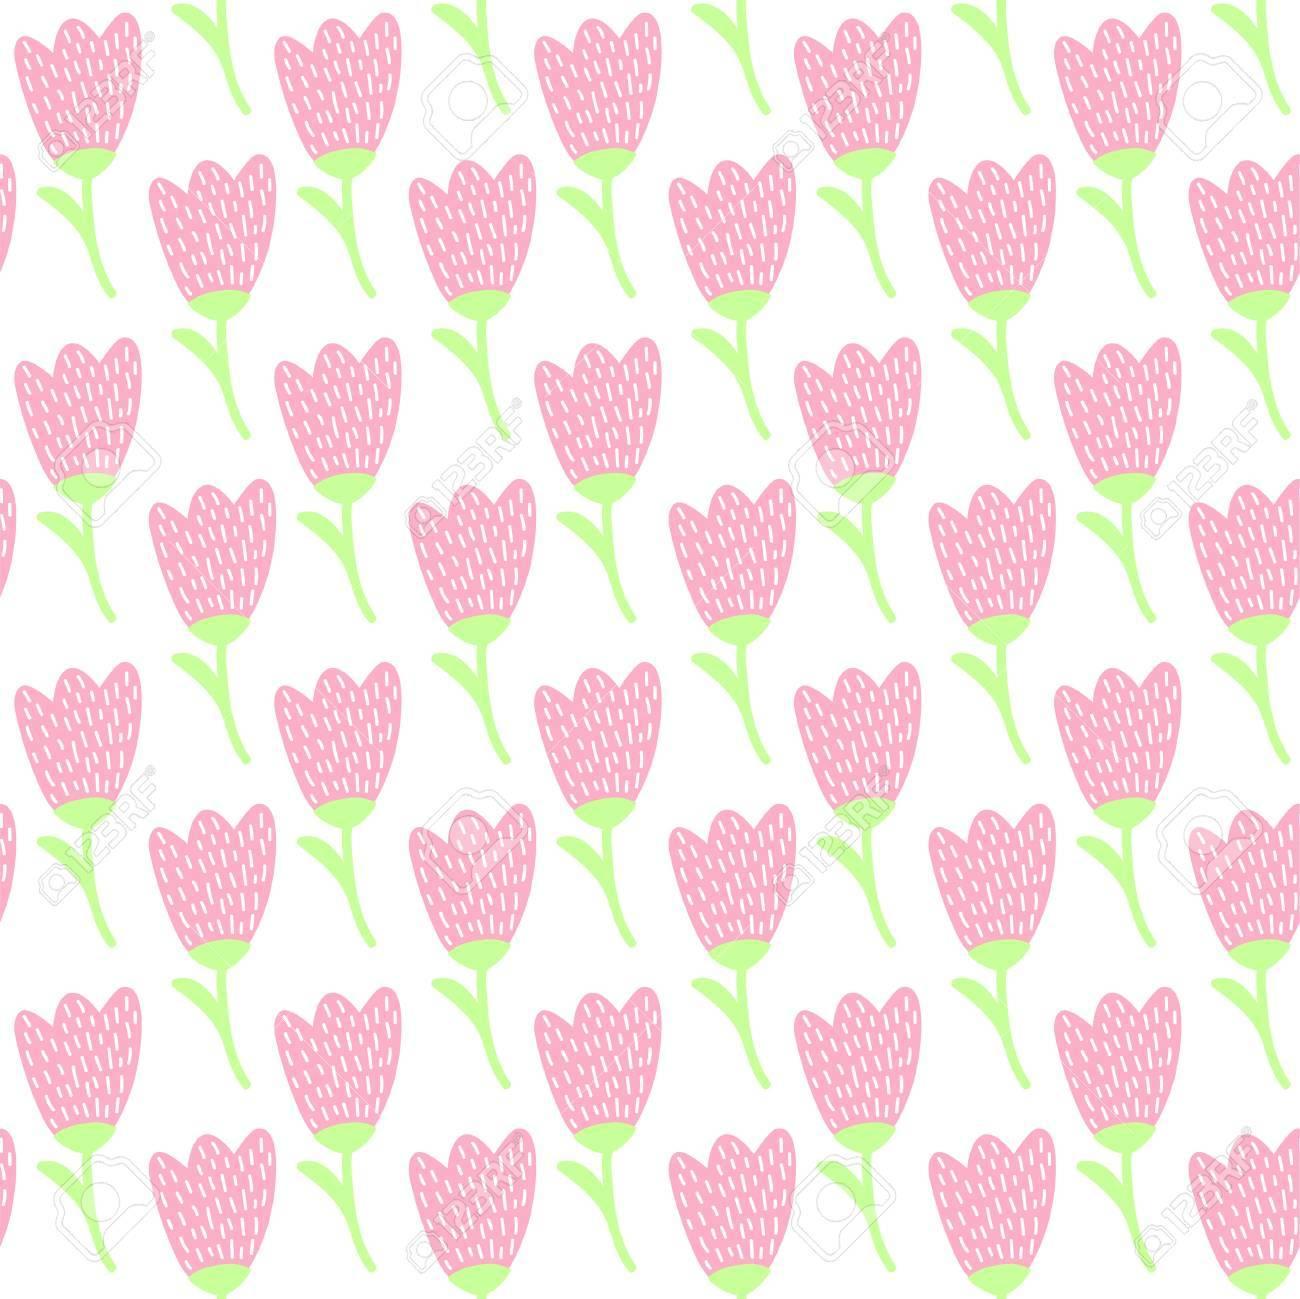 かわいい シンプルなパステル ピンク チューリップ花夏の壁紙の連続